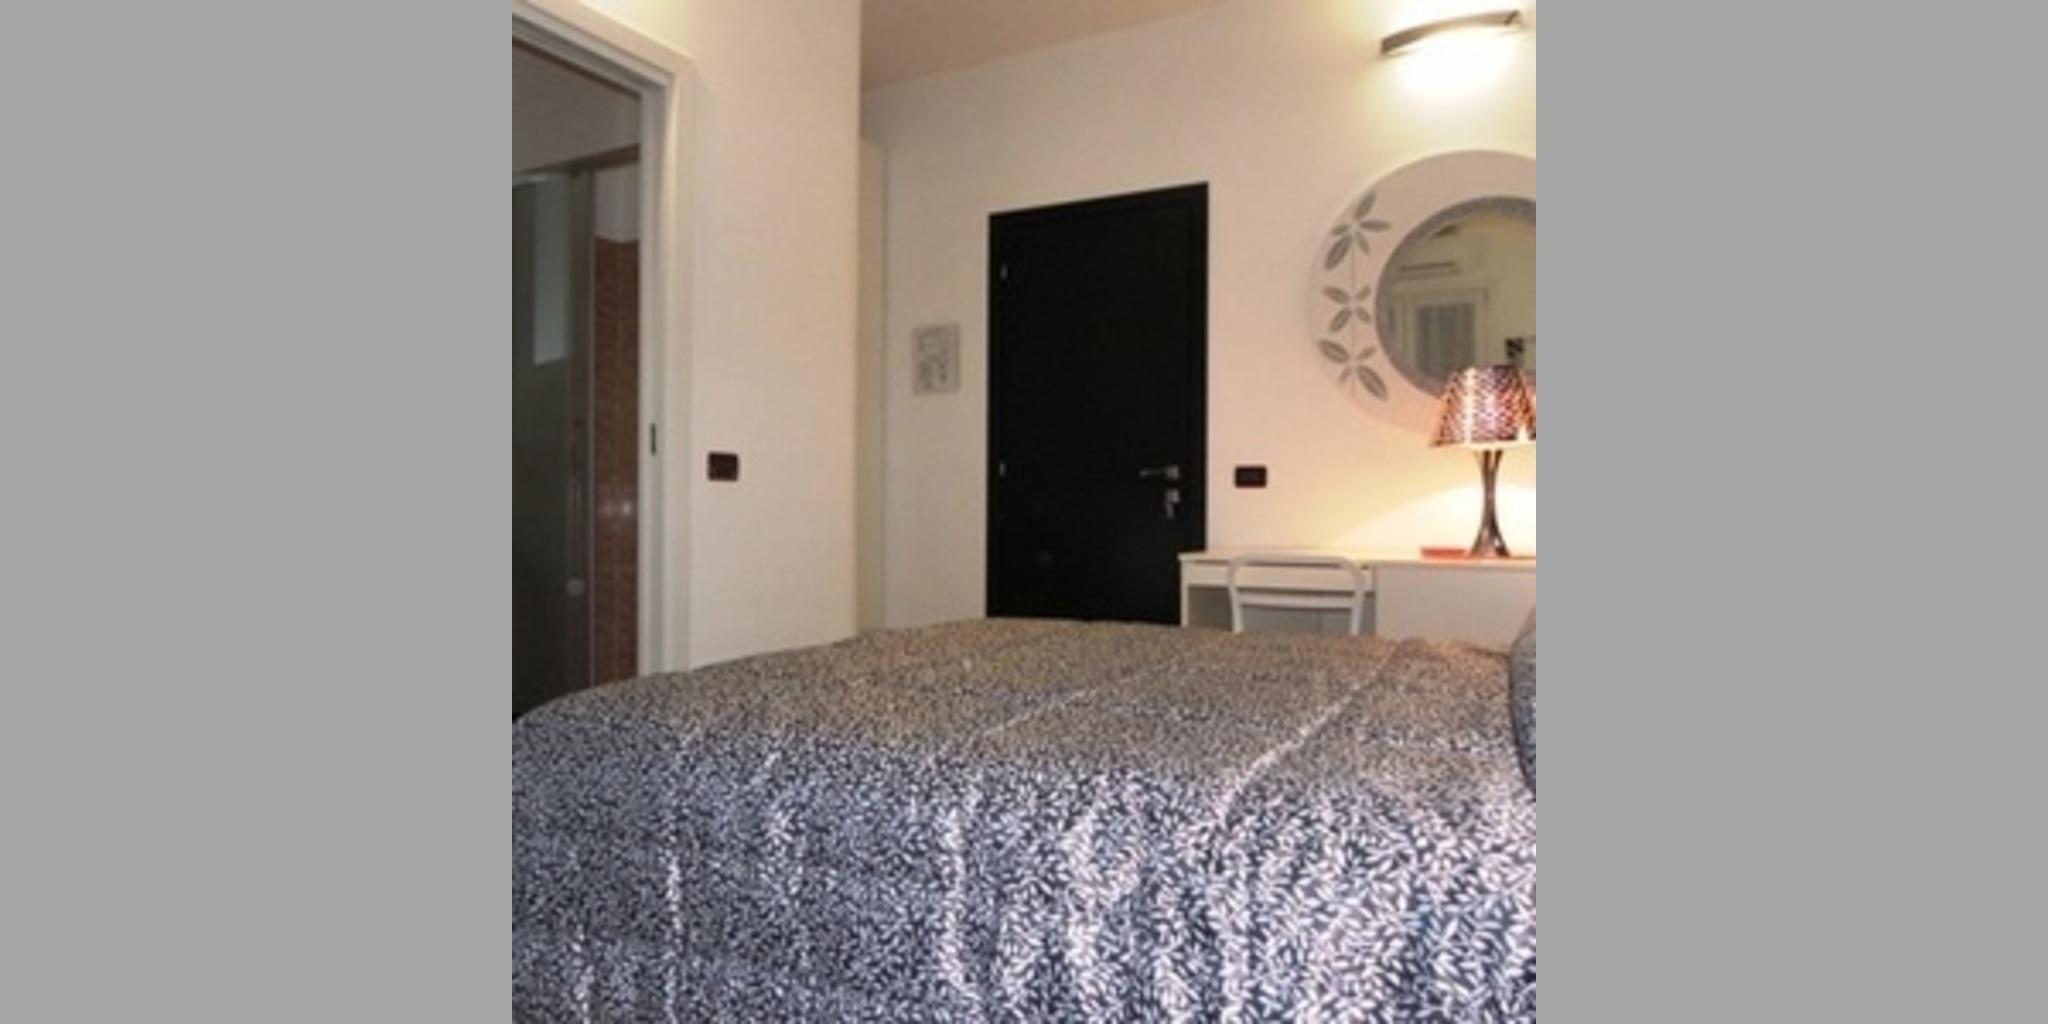 Bed & Breakfast Trevignano Romano - Trevignano